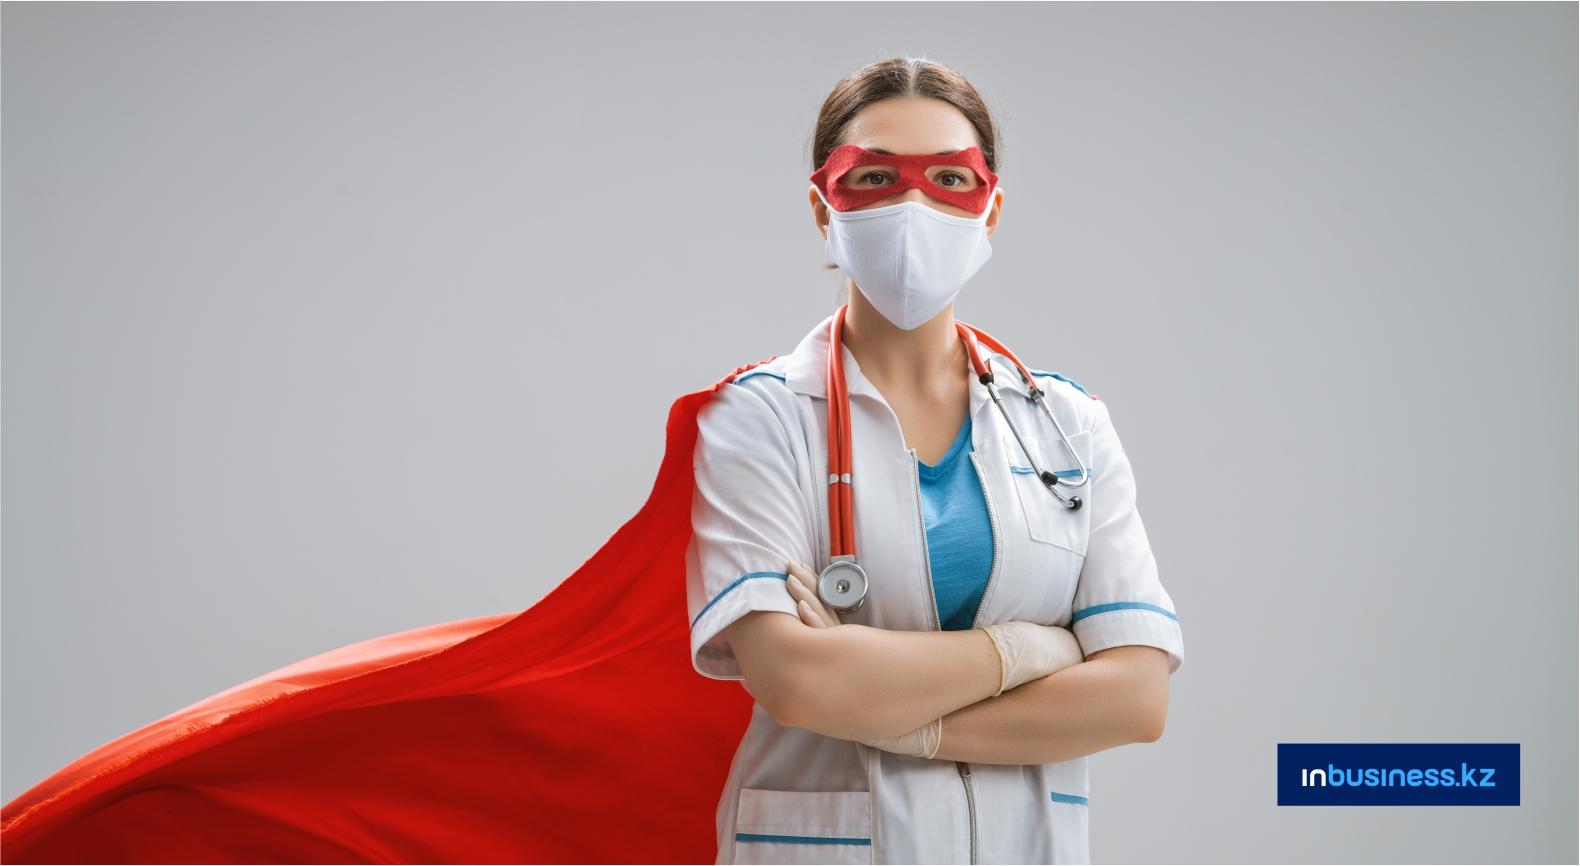 Более 3300 медиков РК, заразившихся COVID-19 и пневмонией, получили по 2 млн тенге